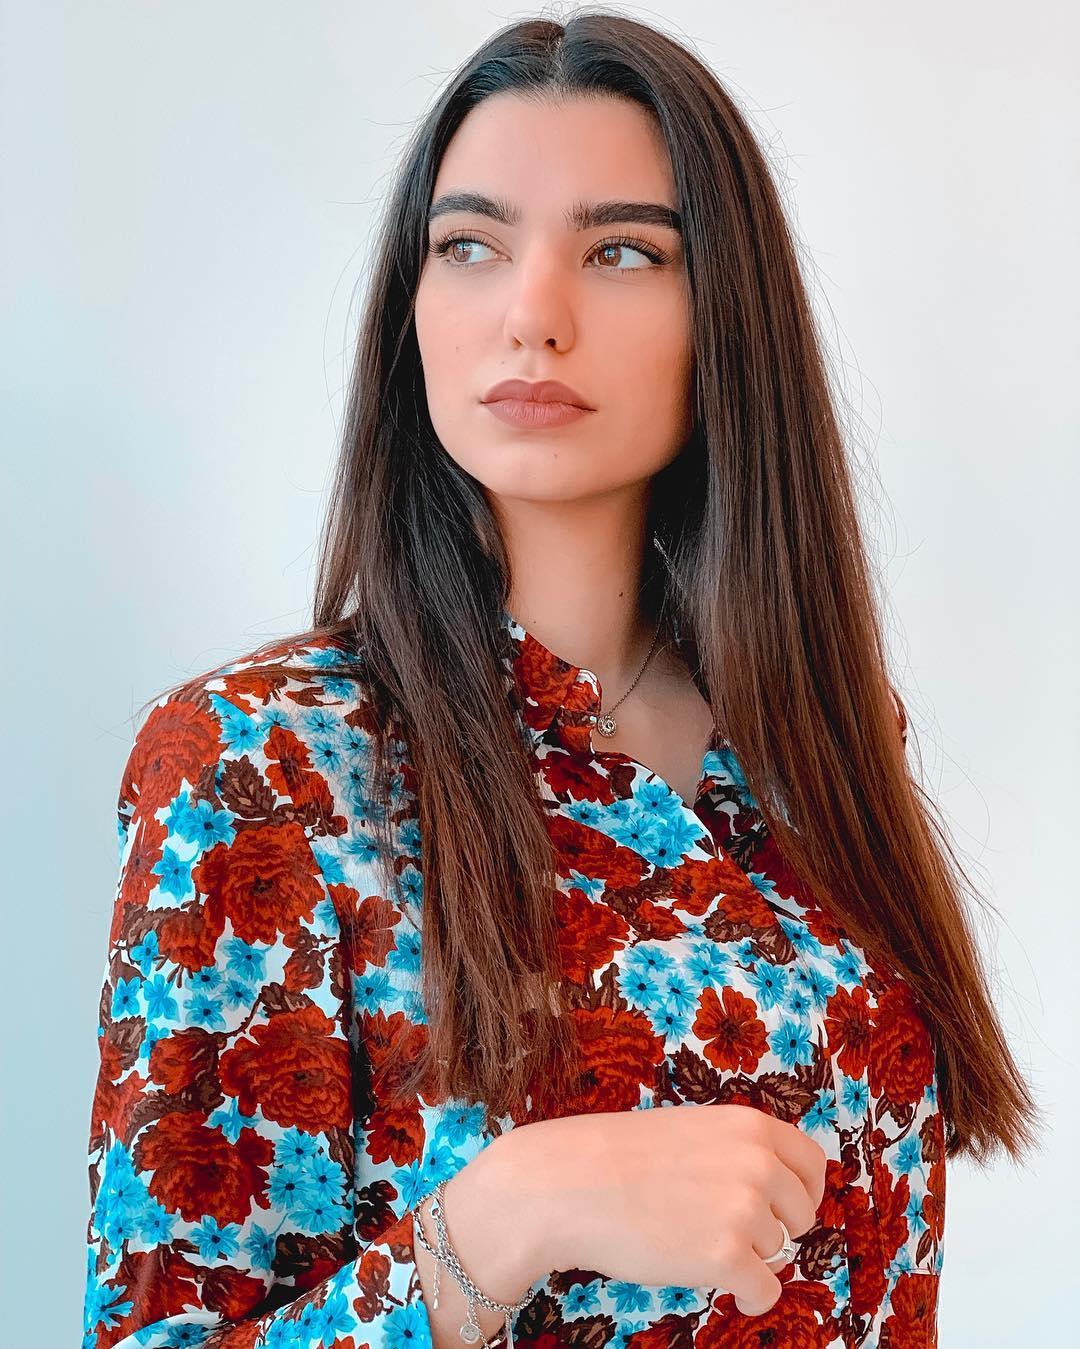 Sarah Refai